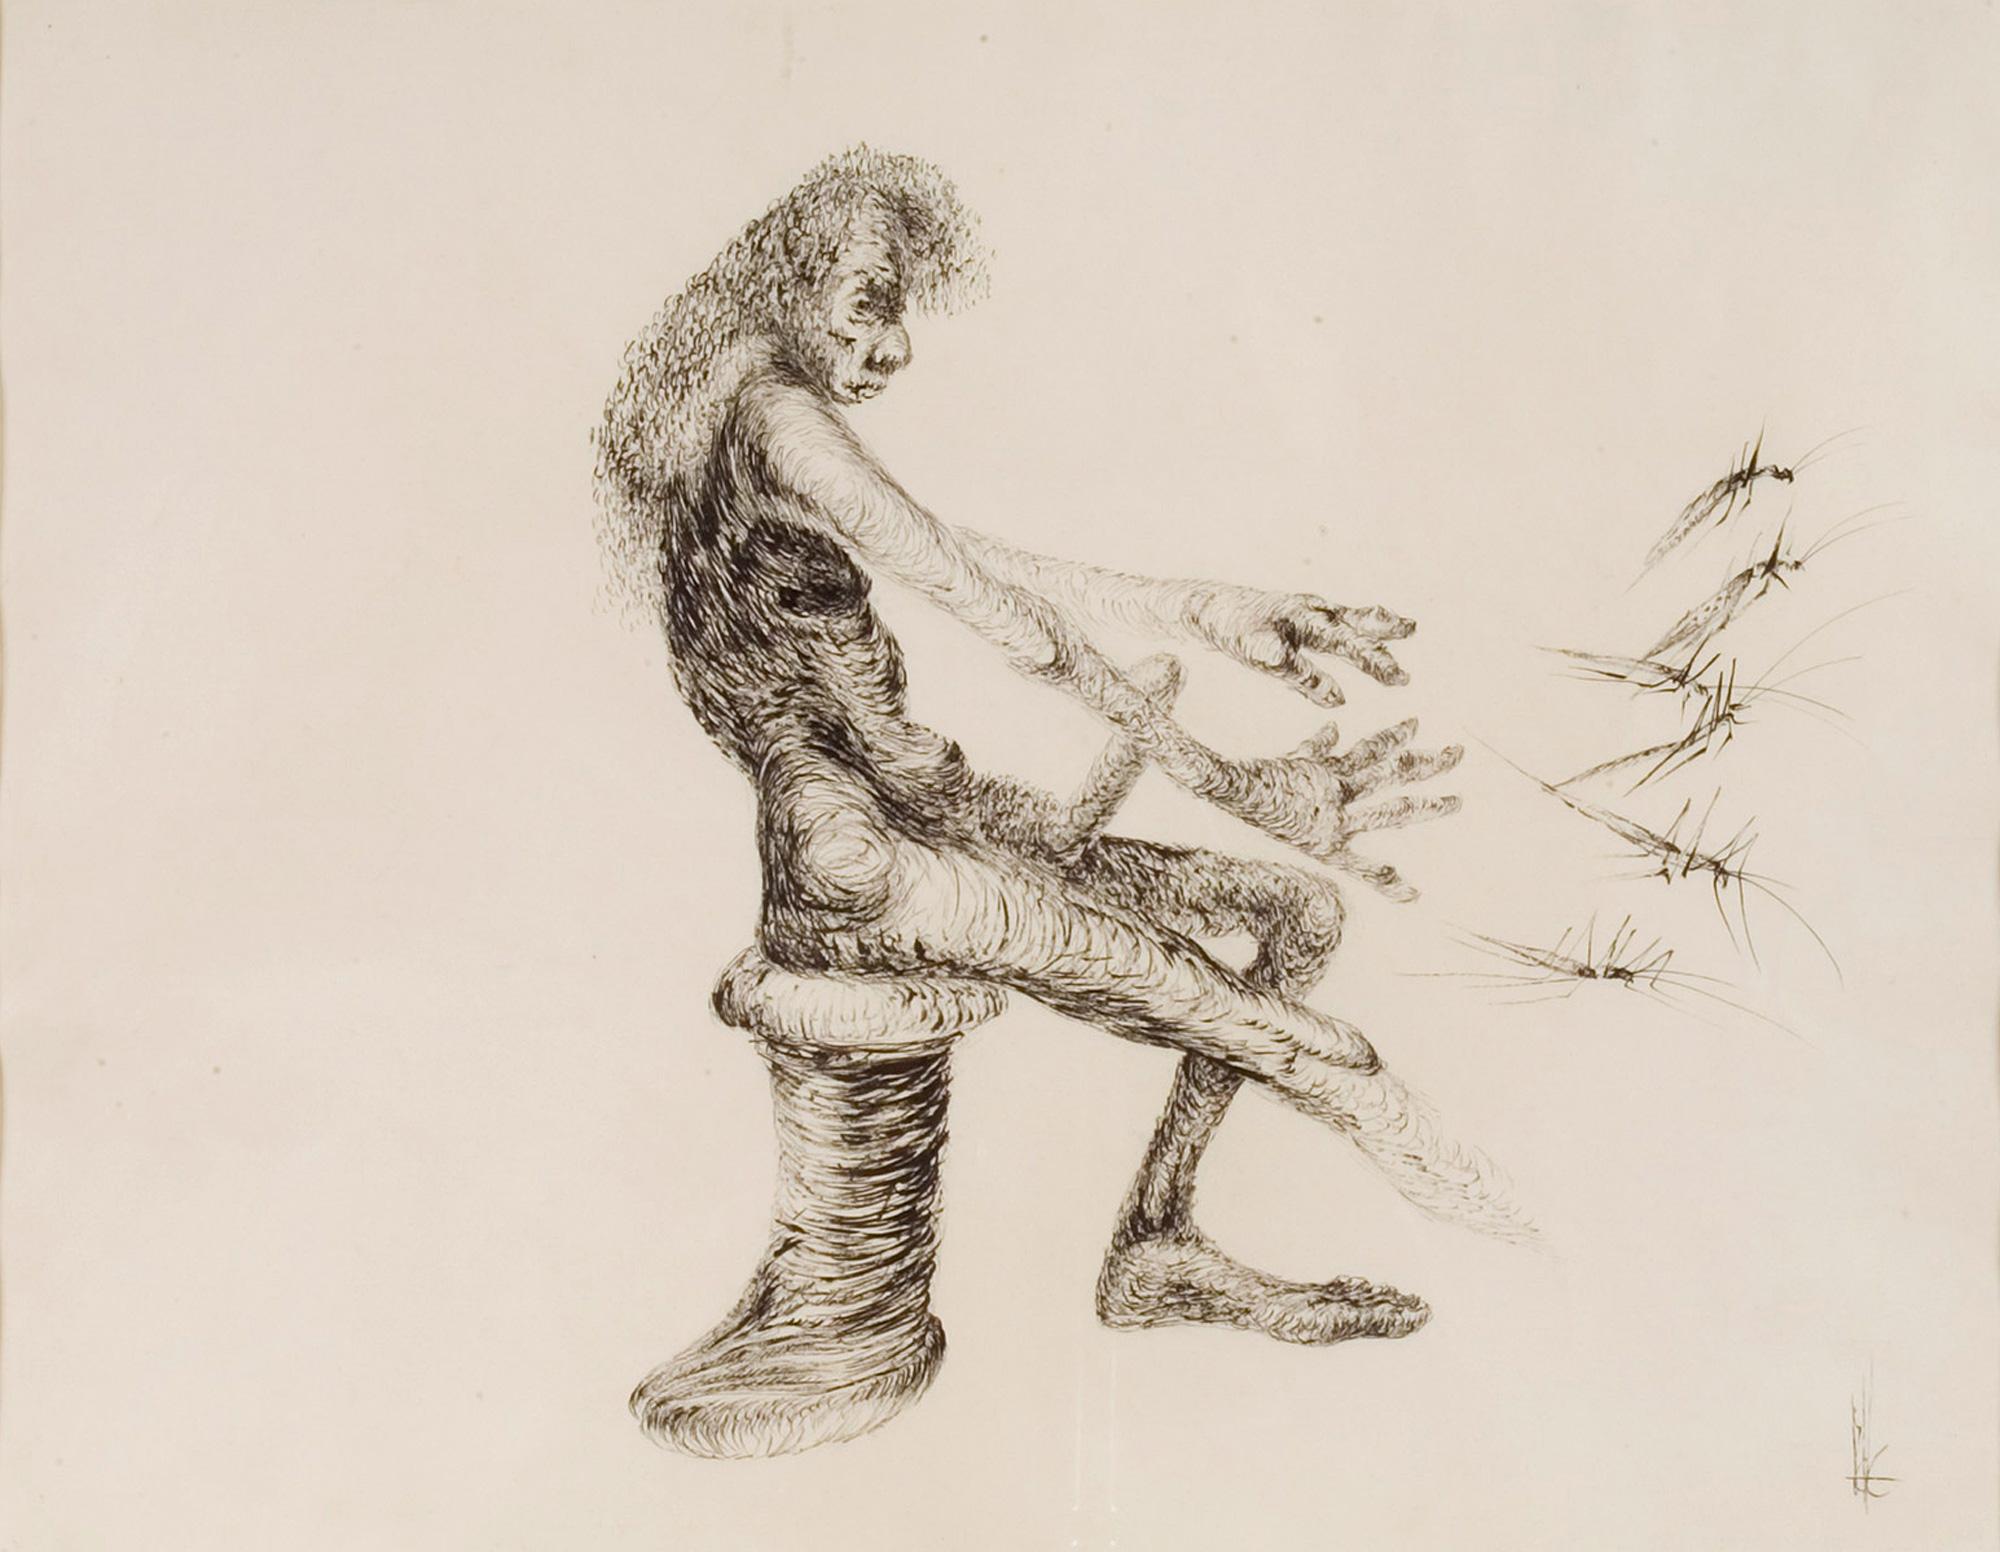 Melle schilder | Sprinkhanenman, oostindische inkt op papier